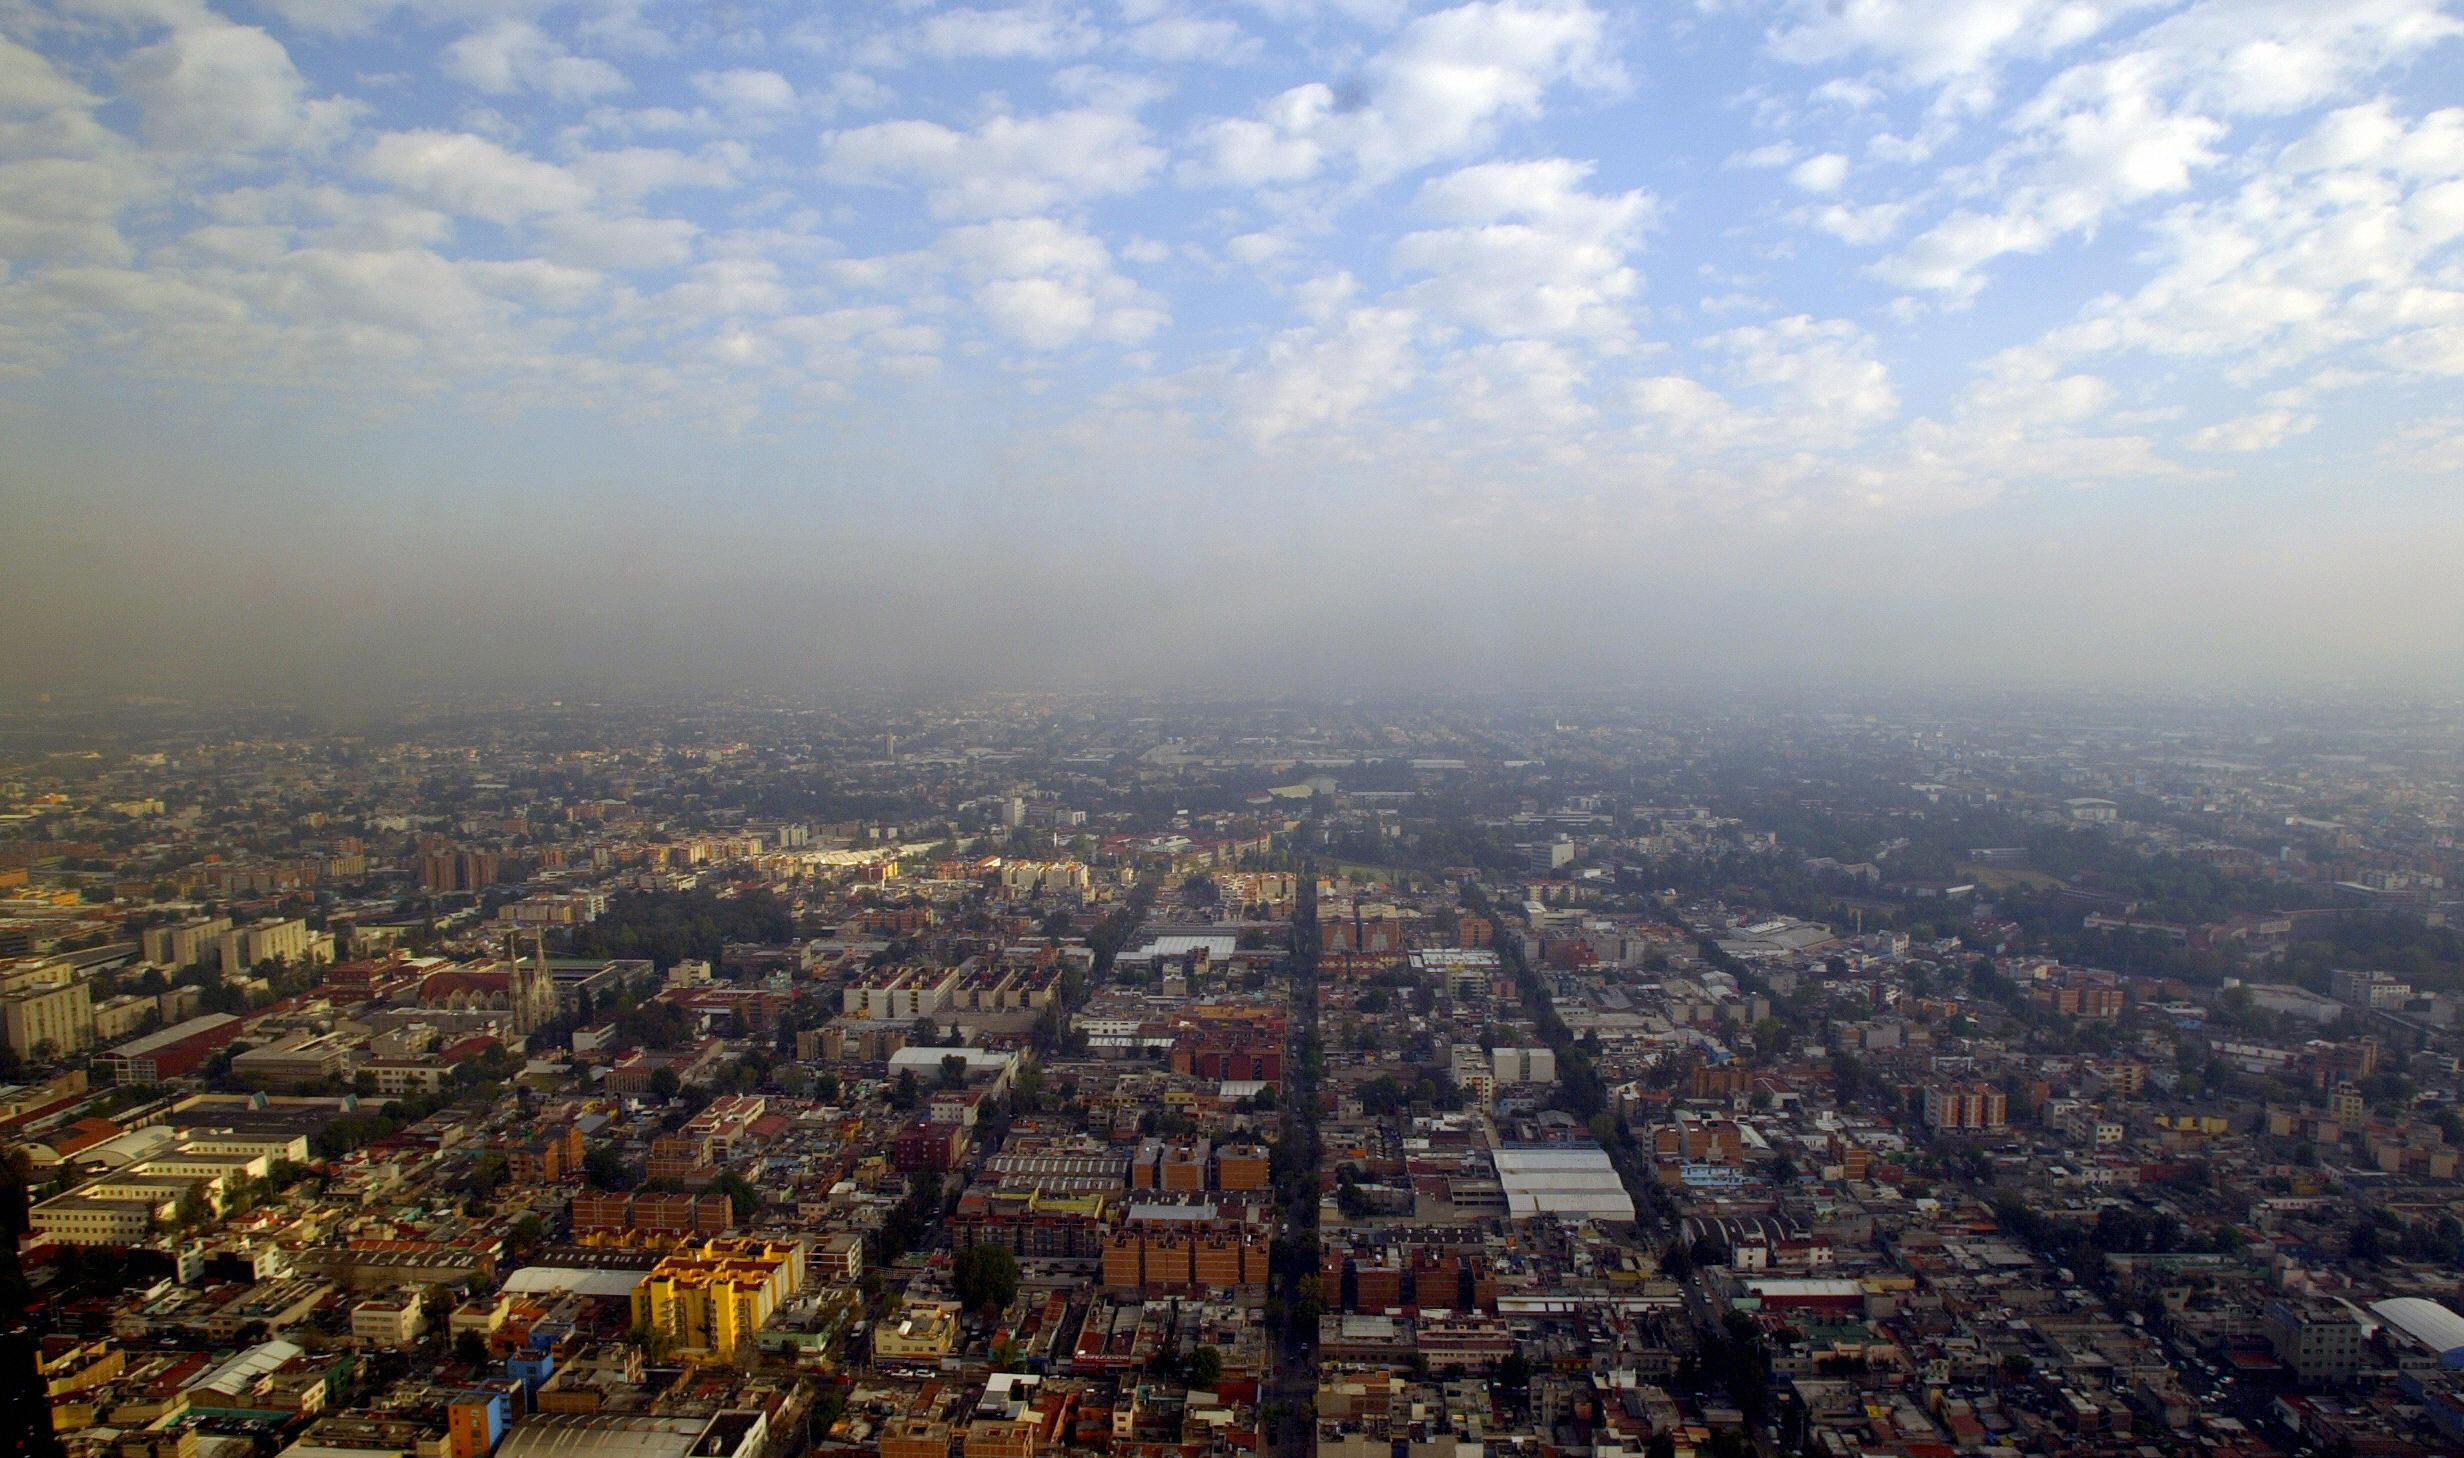 La contaminación del aire en CDMX causada en parte por millones de automovilistas